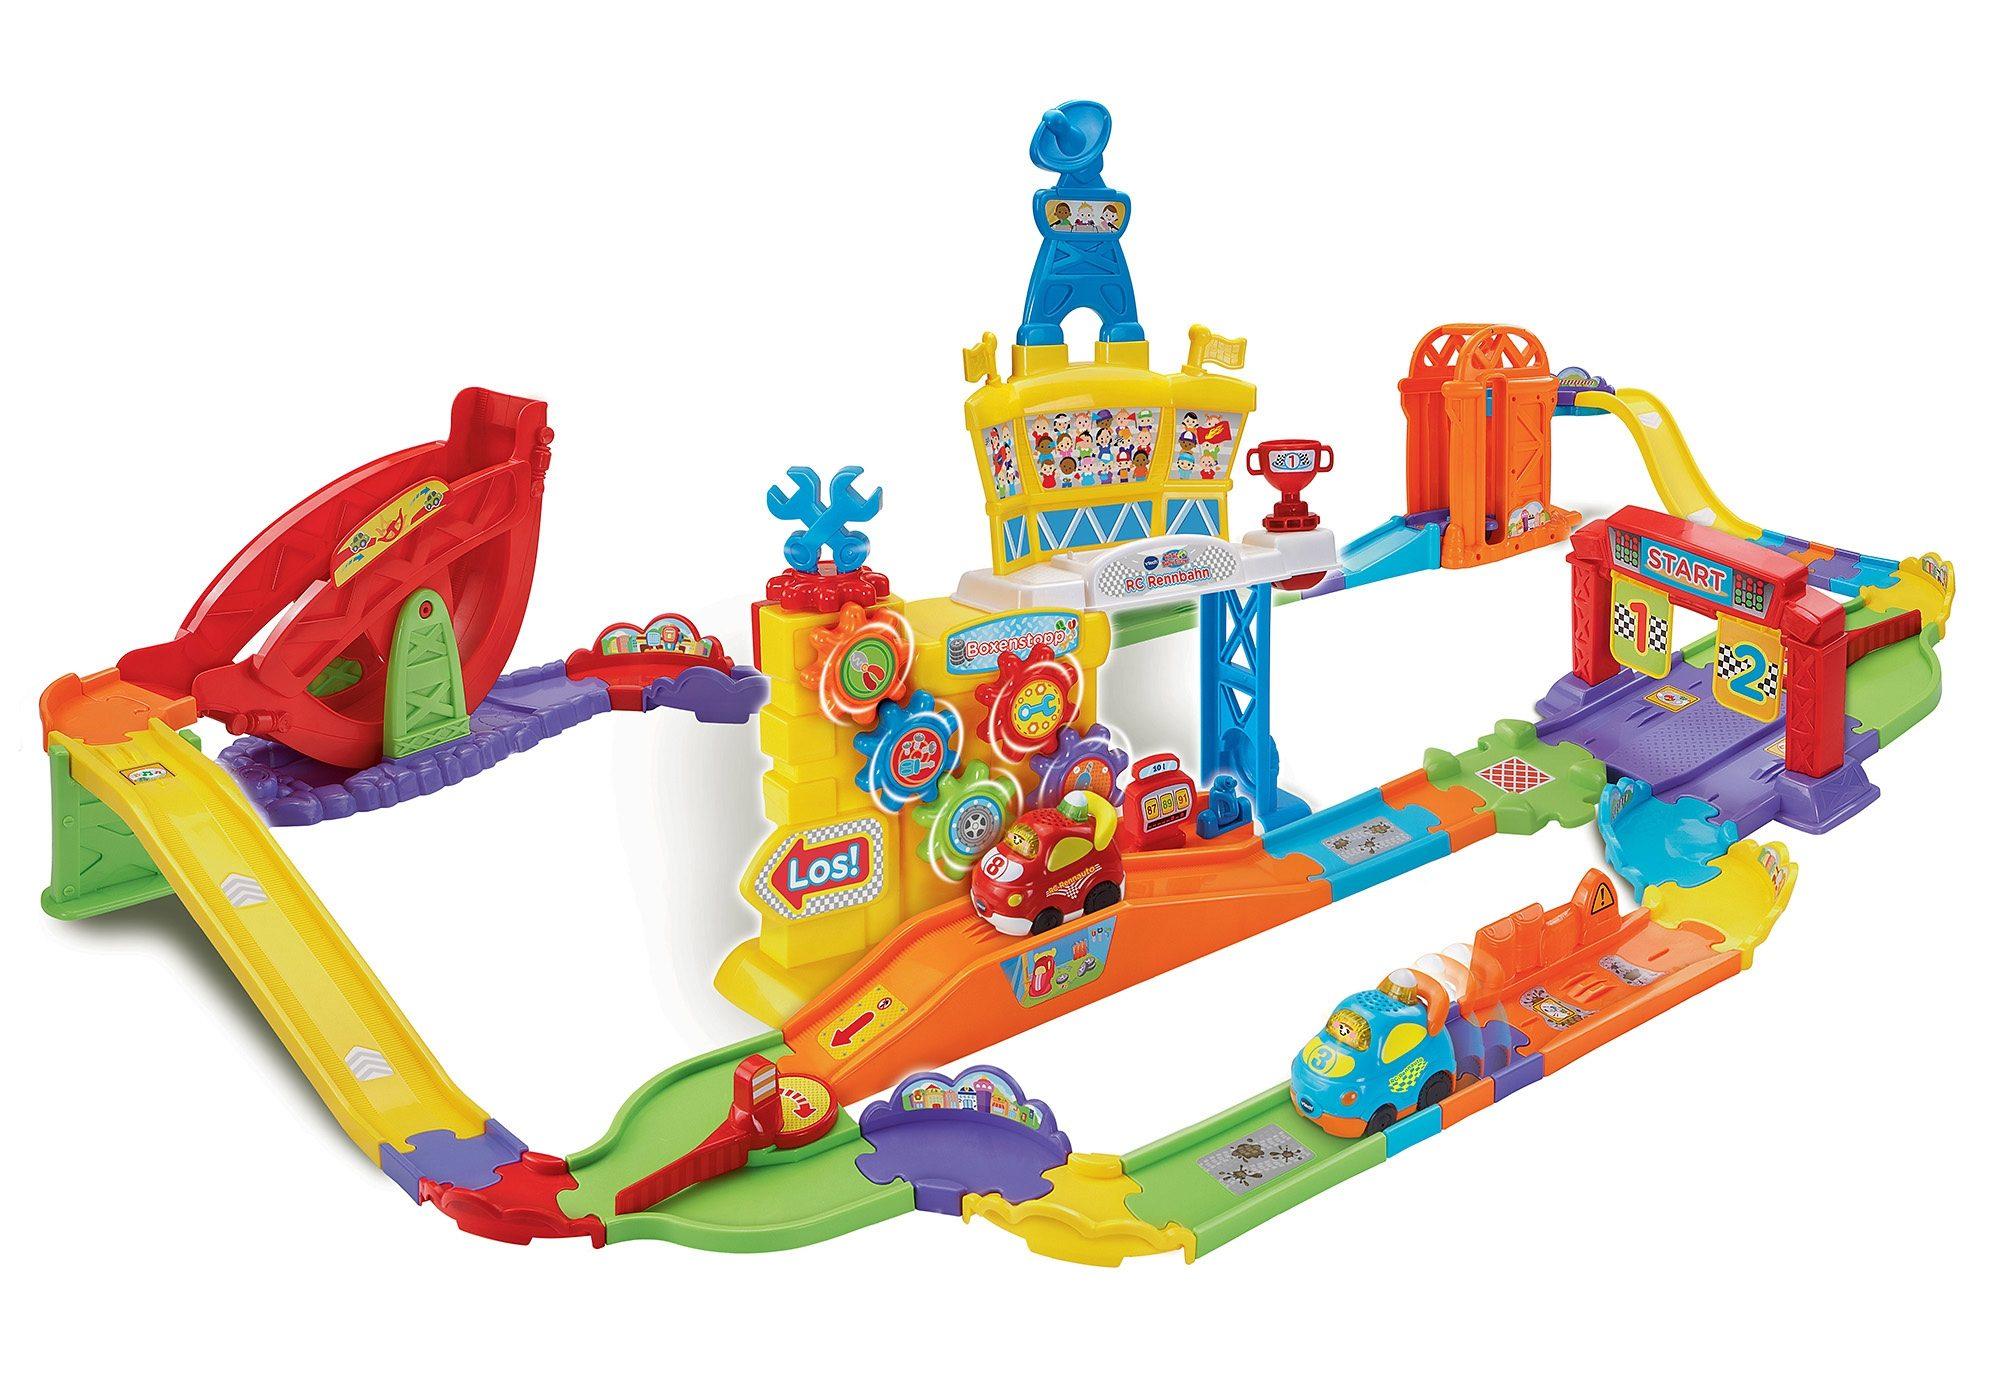 VTech RC Autorennbahn, »RC Rennbahn - Tut Tut Baby Flitzer«